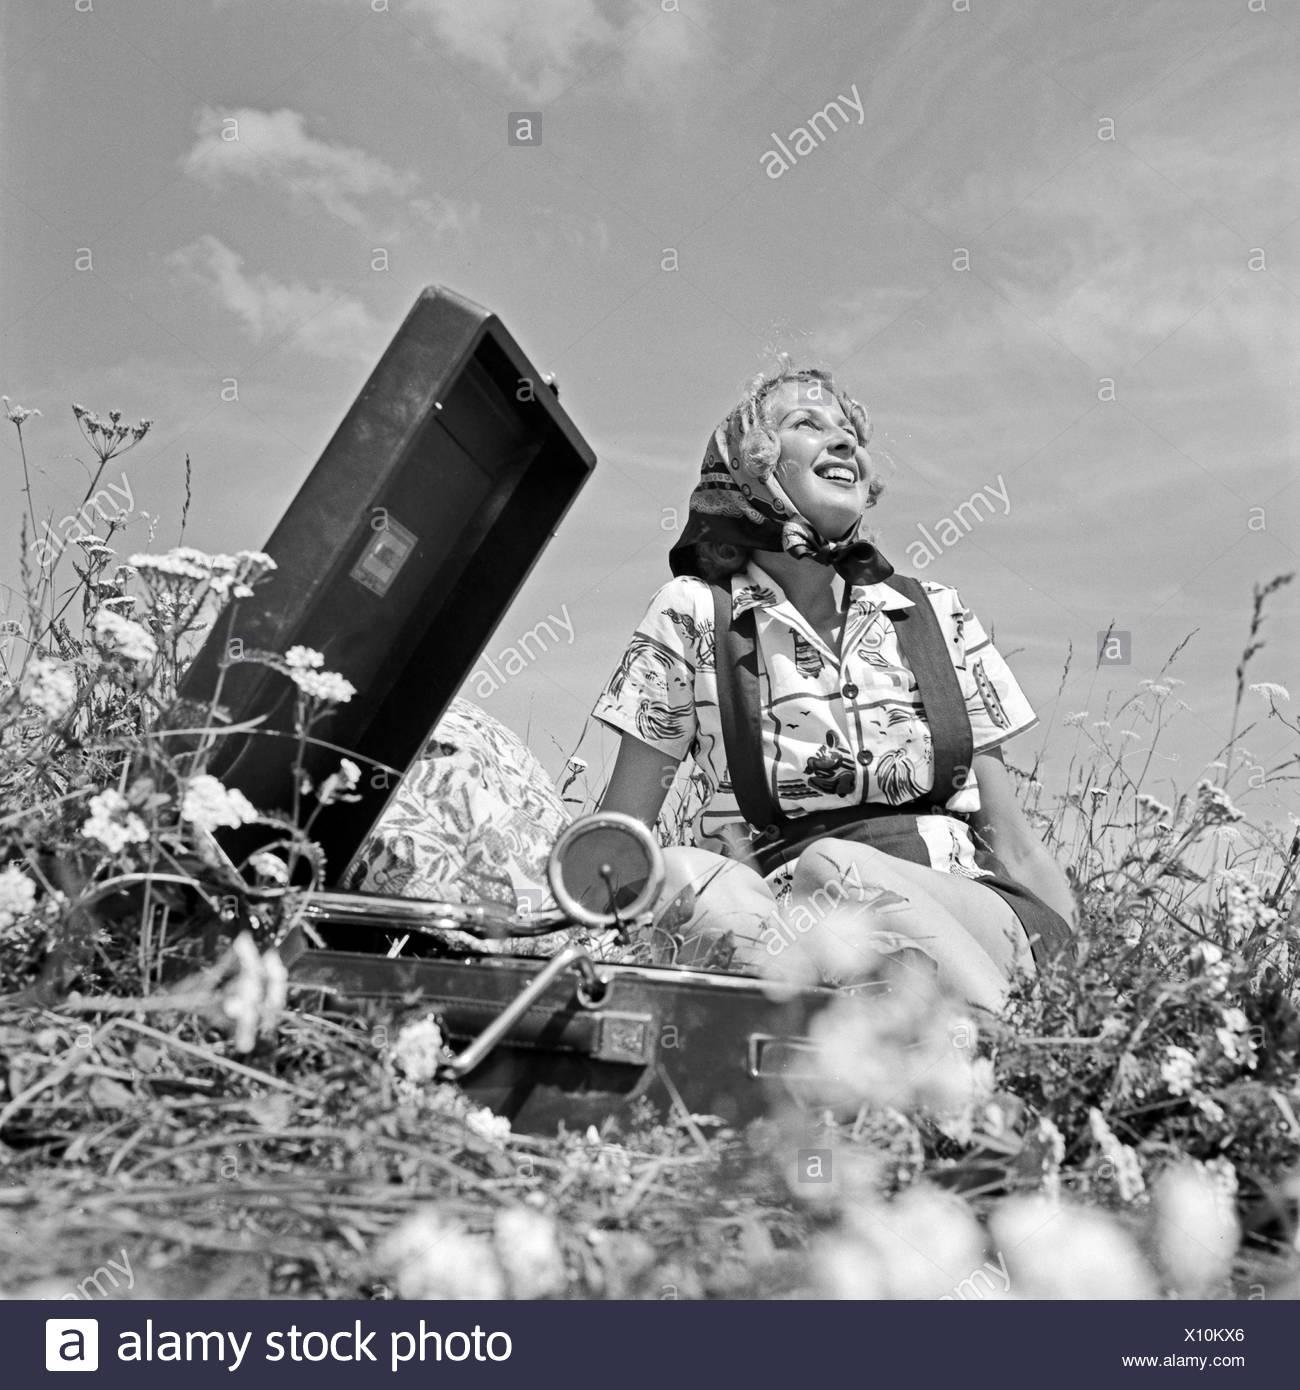 Eine Junge Frau Sitzt Mit Einem Grammophon in Einer Wiese Und Hört Musik, Deutschland, 1930er Jahre. Eine junge Frau in einem Rasen sitzen und hören ein Grammophon, Deutschland der 1930er Jahre. Stockbild